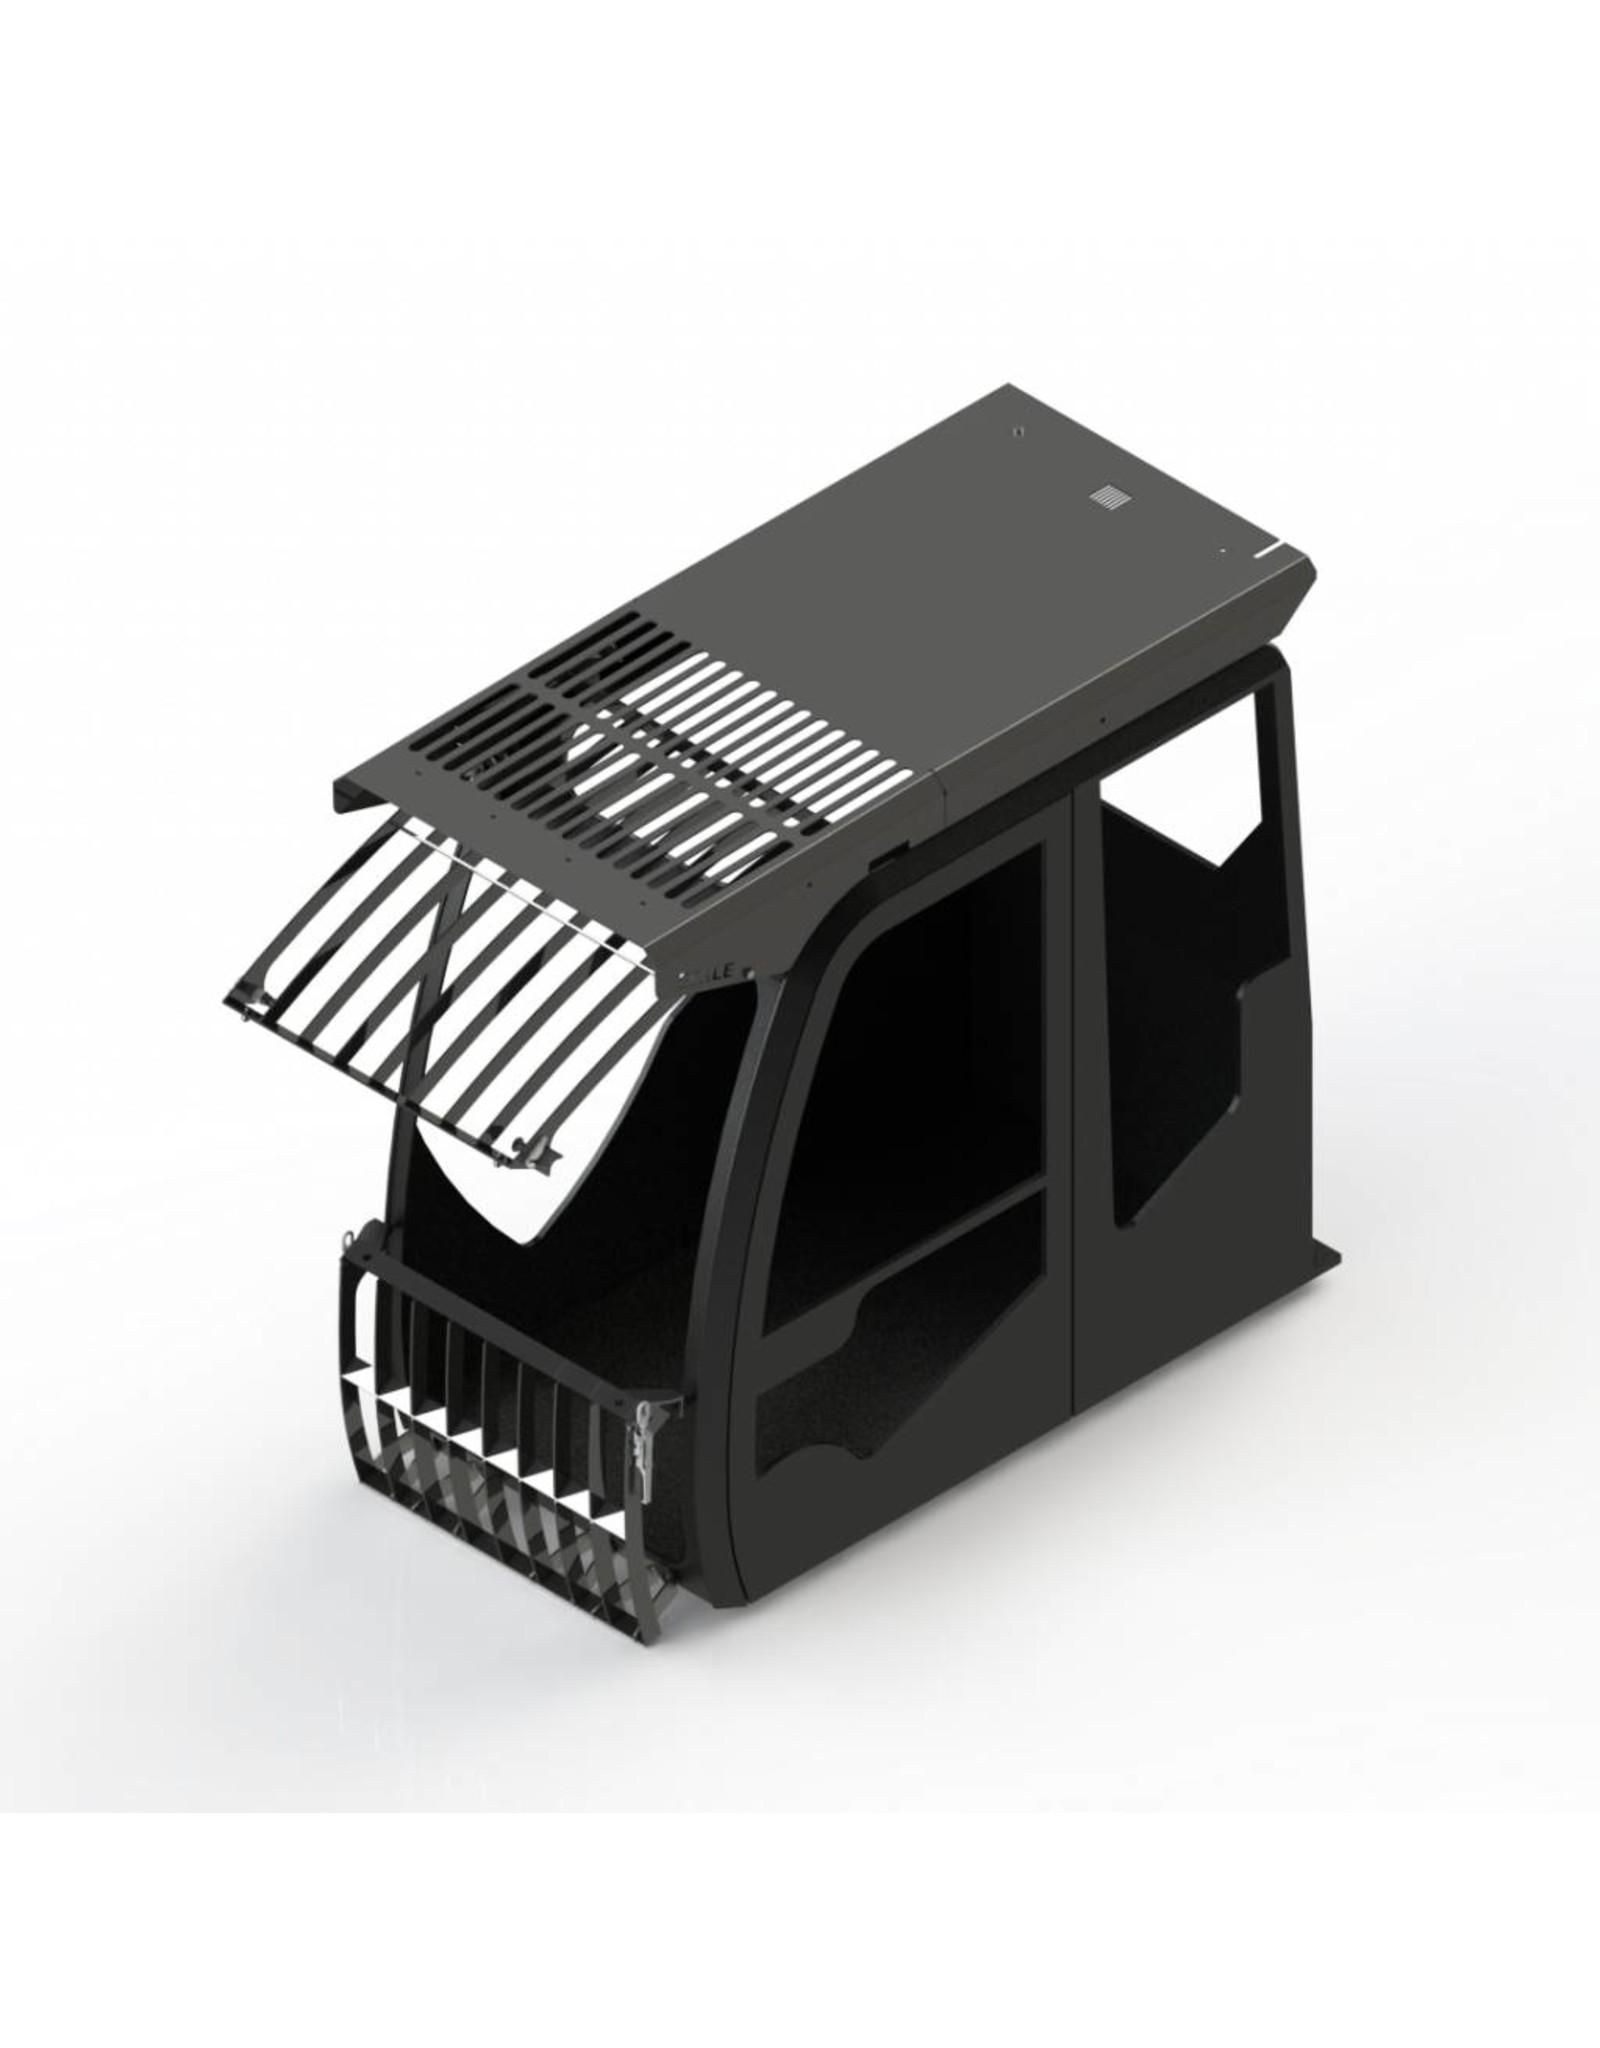 Echle Hartstahl GmbH FOPS pour Liebherr R 980 SME